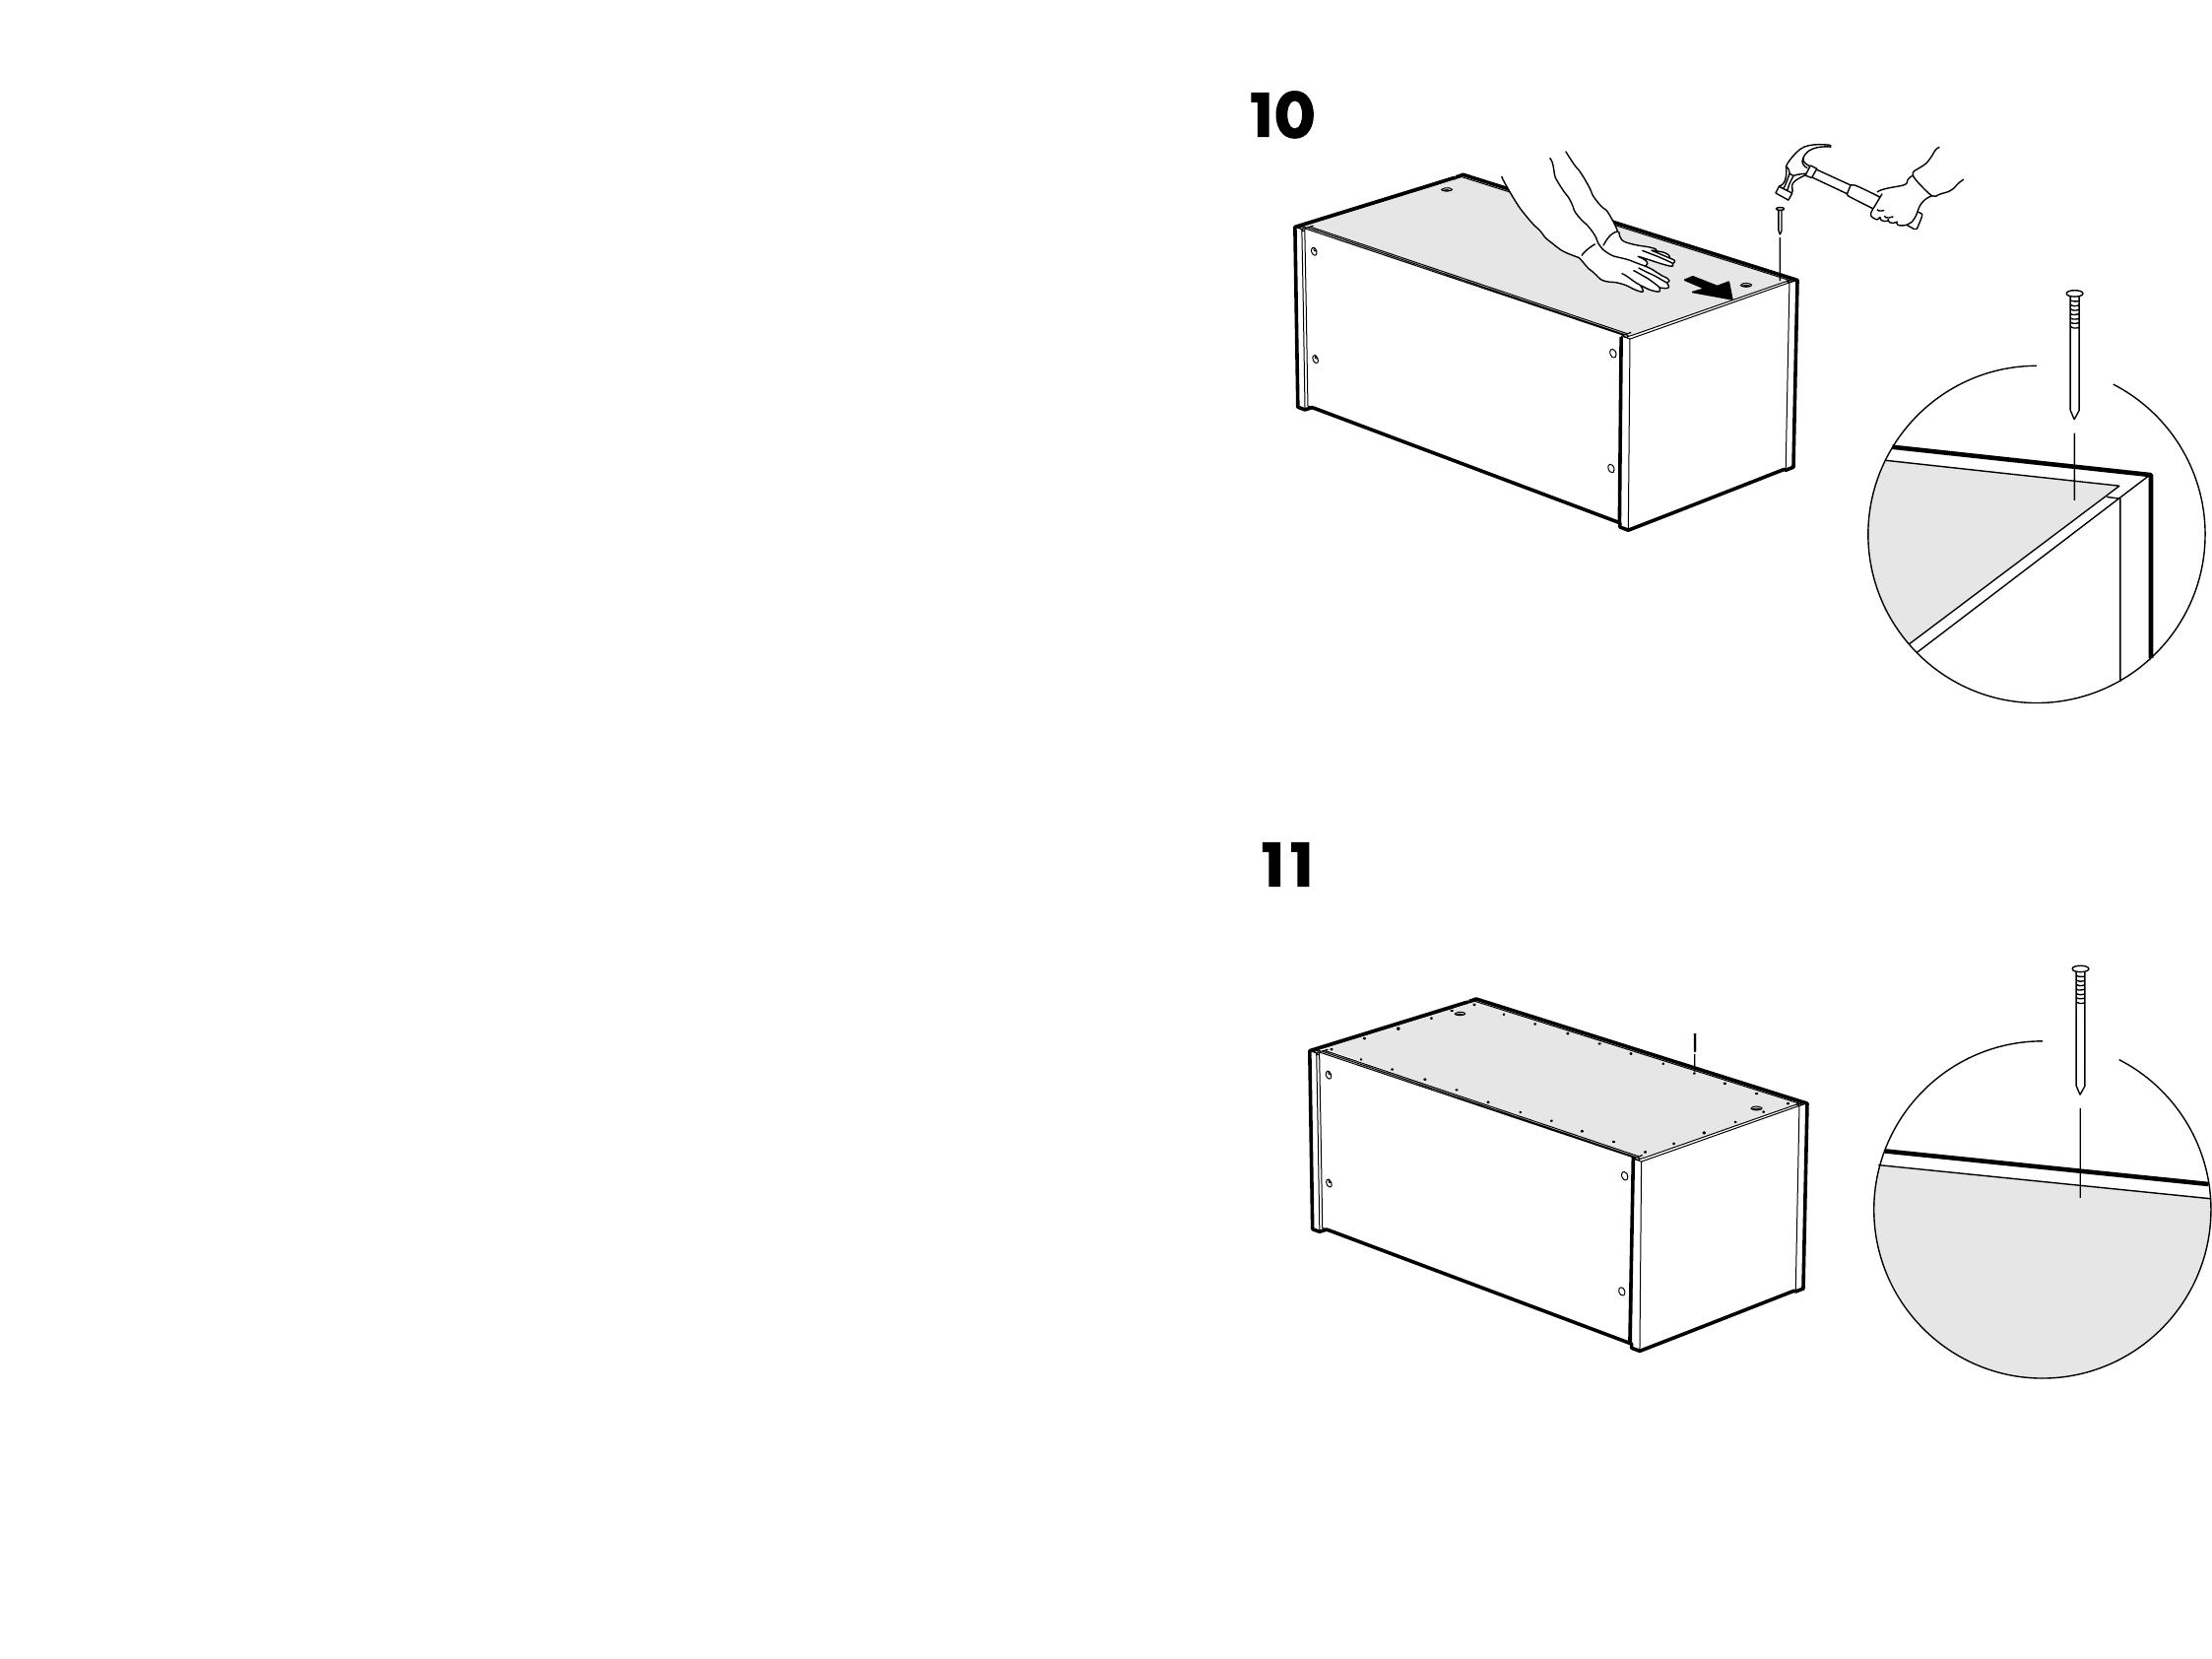 Wonderlijk Handleiding Ikea Effektiv wandkast (pagina 1 van 6) (Dansk BJ-21